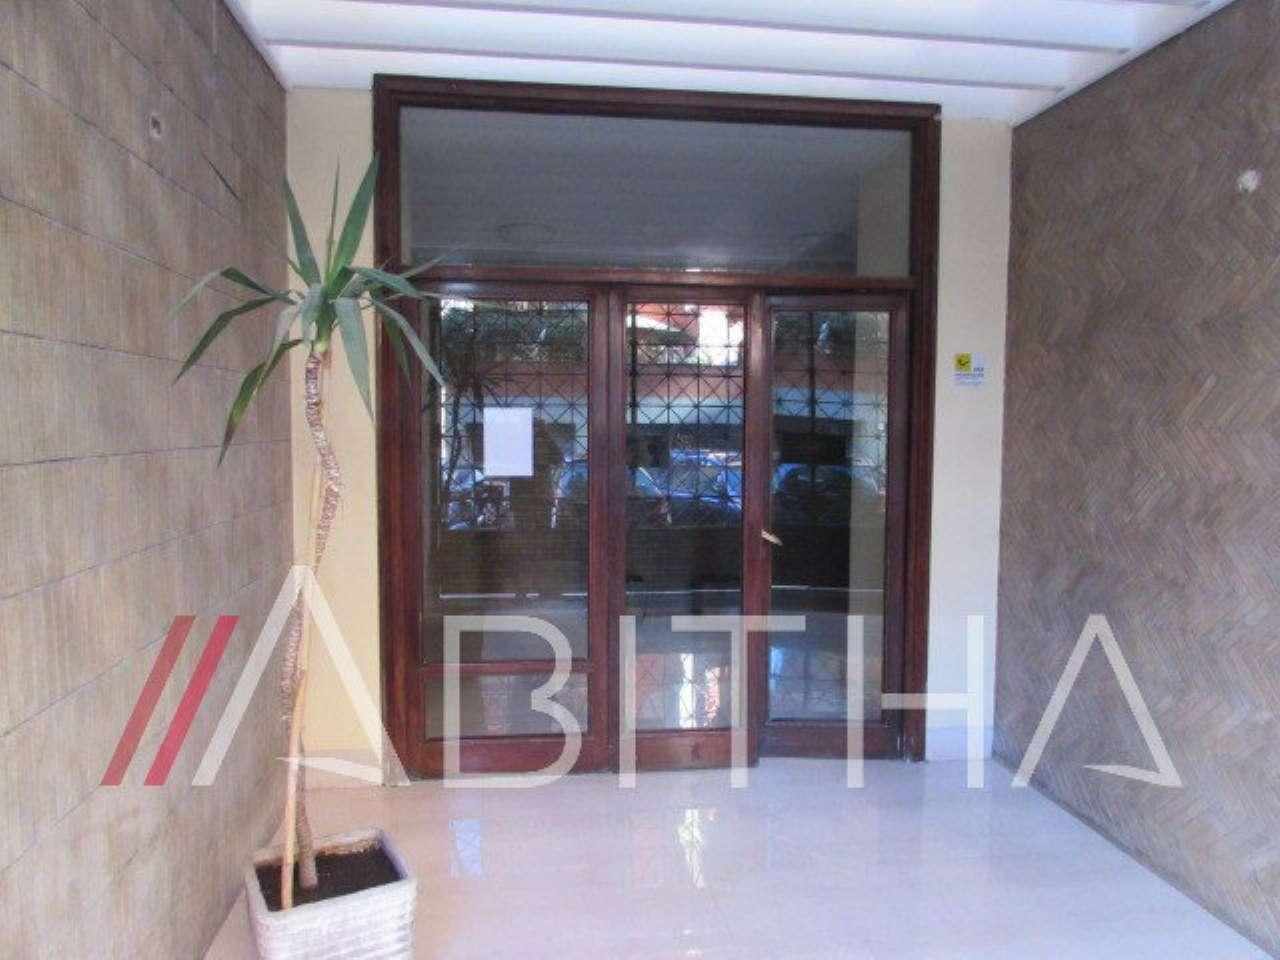 Appartamento in vendita a Roma, 3 locali, zona Zona: 25 . Trastevere - Testaccio, prezzo € 349.000 | CambioCasa.it